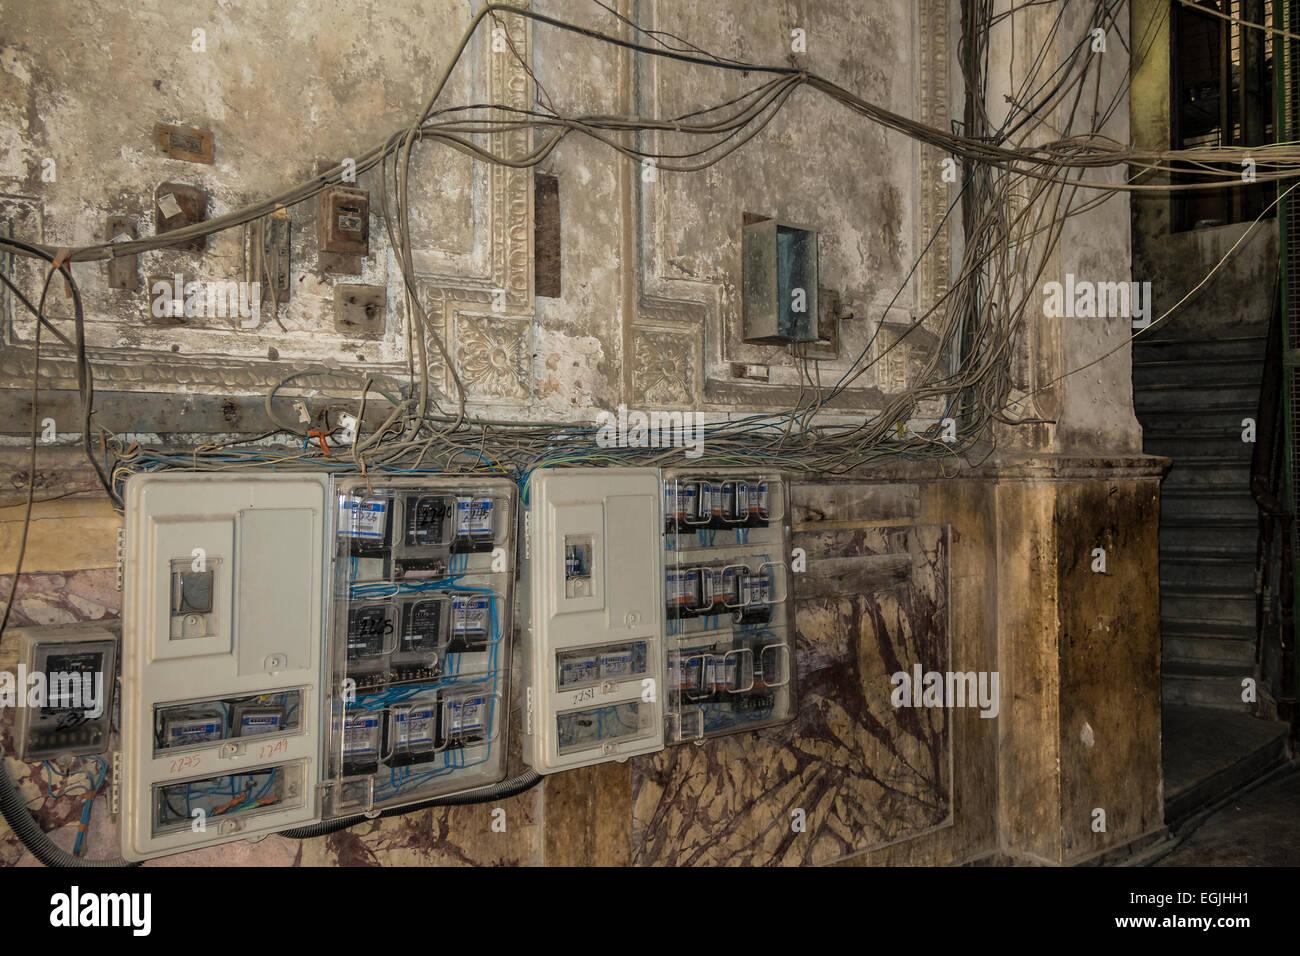 Erfreut Gebäude Elektrische Verkabelung Bilder - Elektrische ...